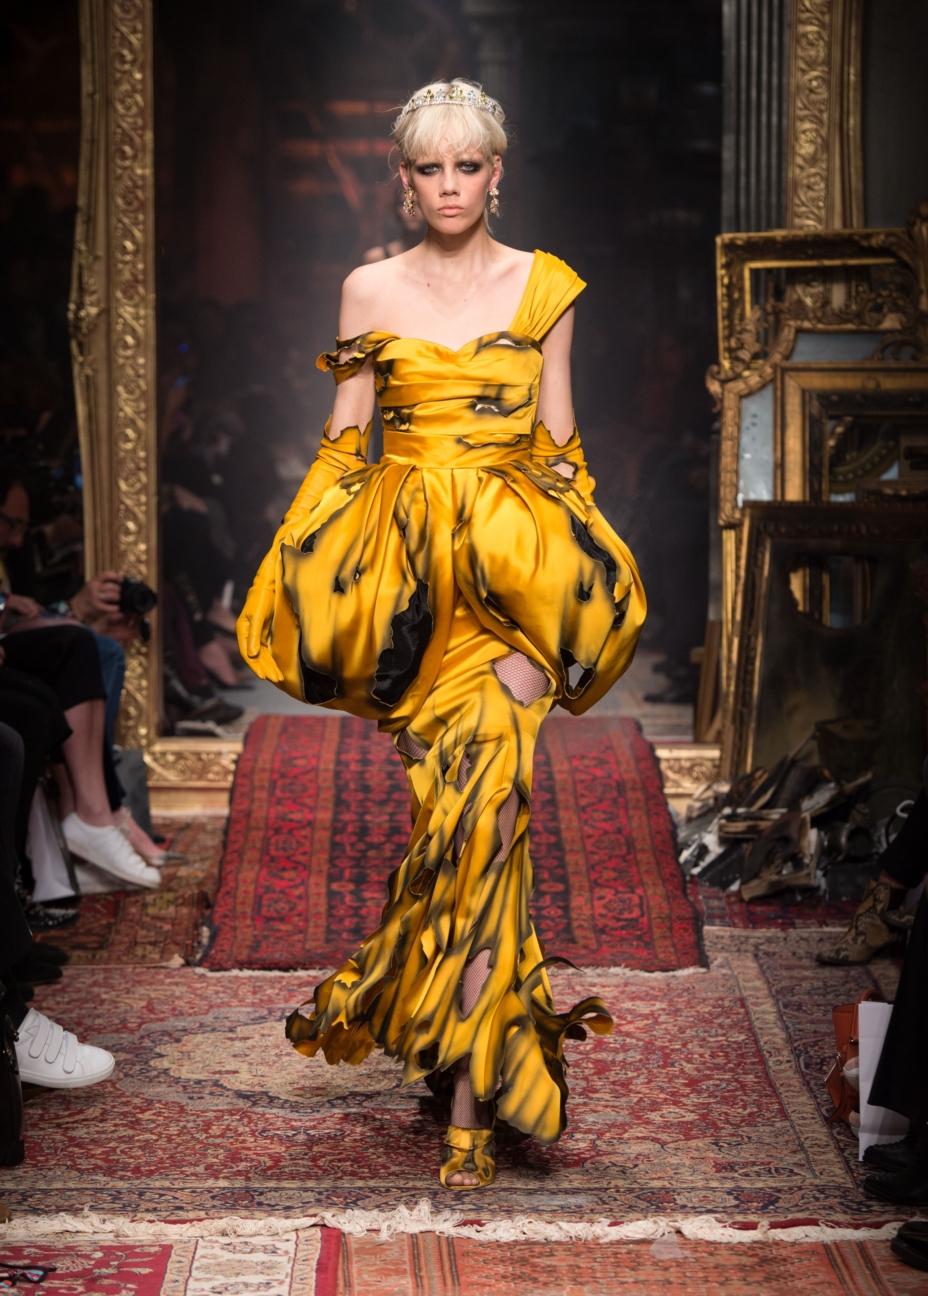 moschino-milan-fashion-week-aw-16-56